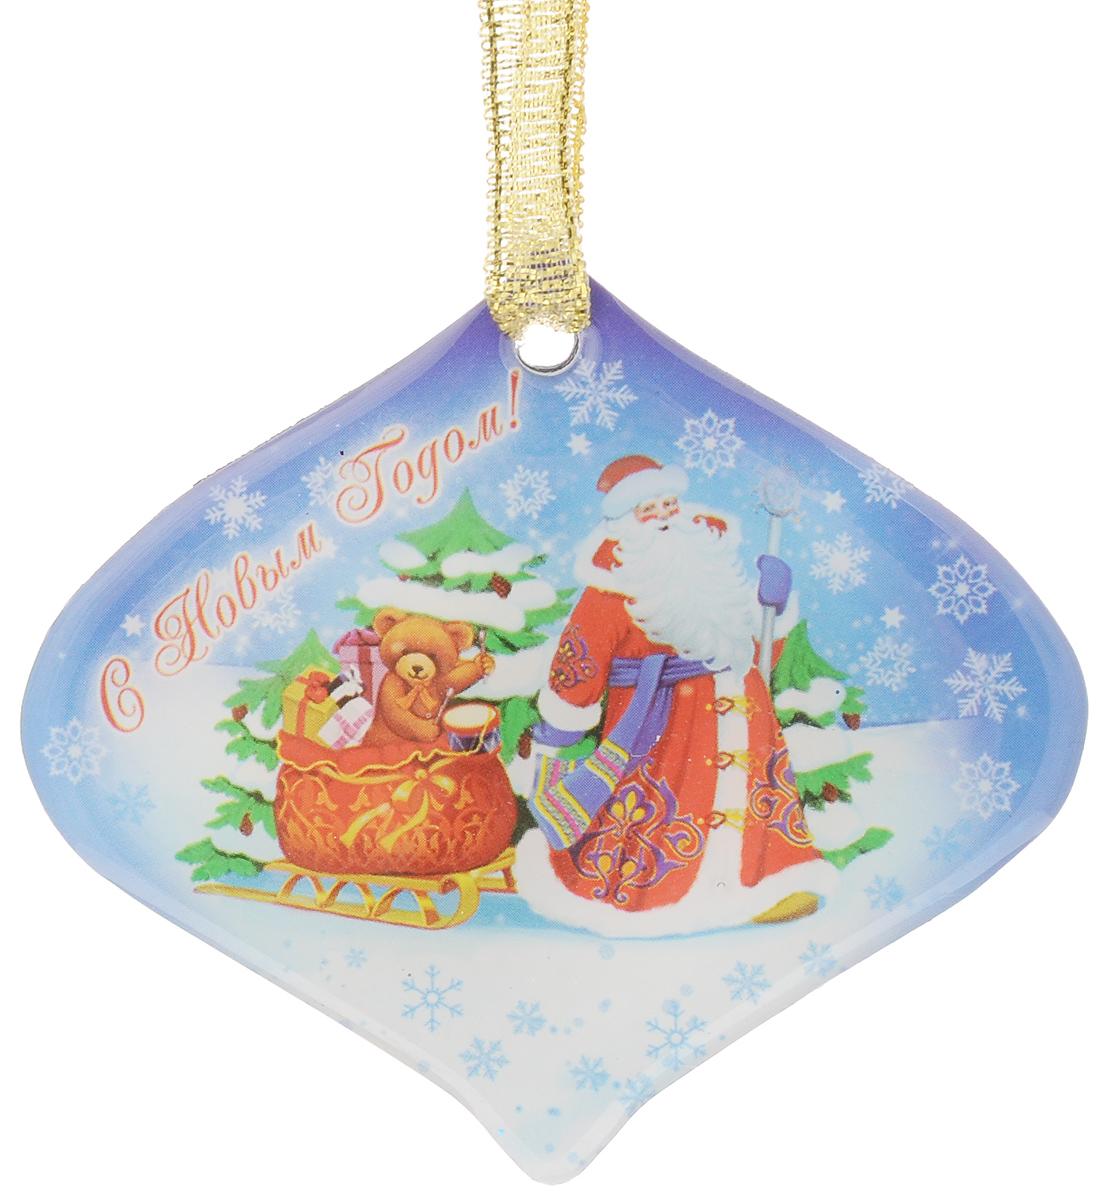 Магнит декоративный Magic Time Дед мороз с мишкой в санях, 6,6 х 6 см38365Магнит Magic Time Дед мороз с мишкой в санях, выполненный из агломерированного феррита, прекрасно подойдет в качестве сувенира к Новому году или станет приятным презентом в обычный день. Магнит - одно из самых простых, недорогих и при этом оригинальных украшений интерьера. Он поможет вам украсить не только холодильник, но и любую другую магнитную поверхность. Магнит оснащен специальной петелькой для подвешивания. Размер: 6,6 х 6 см. Материал: агломерированный феррит.